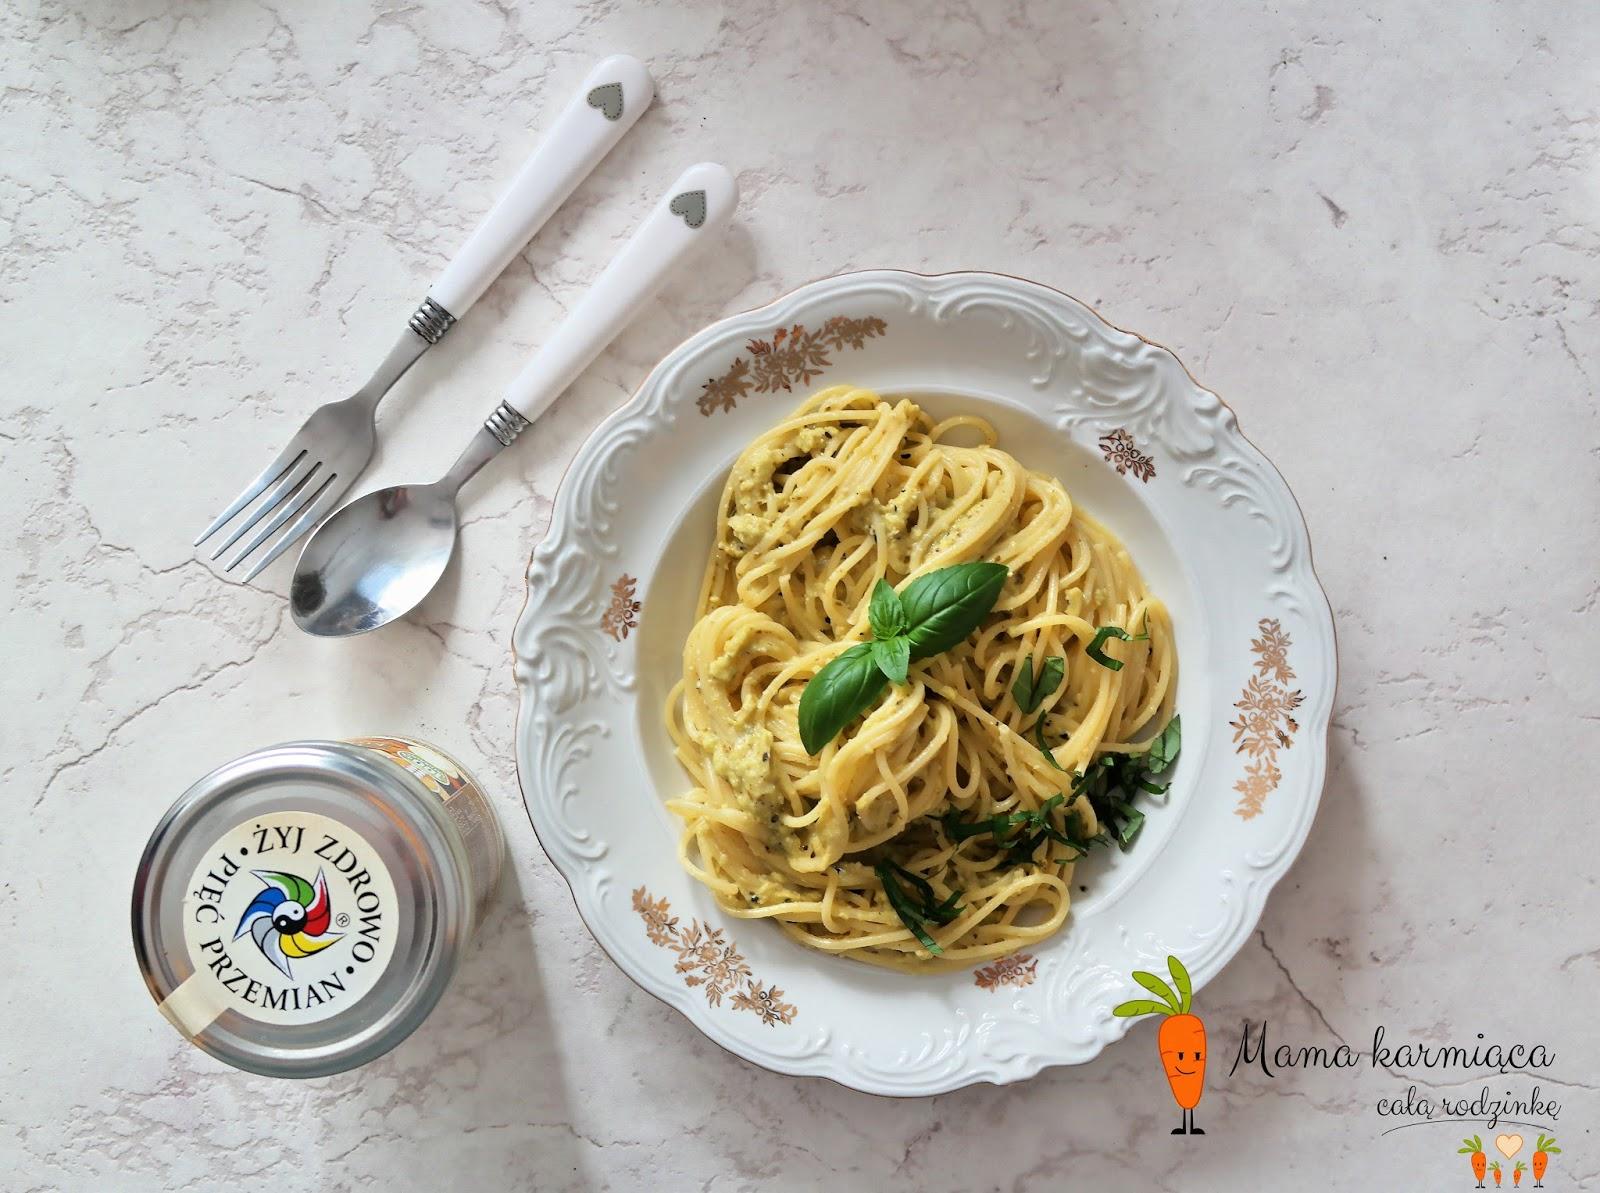 Spaghetti w sosie serowo - bazyliowo - kokosowym